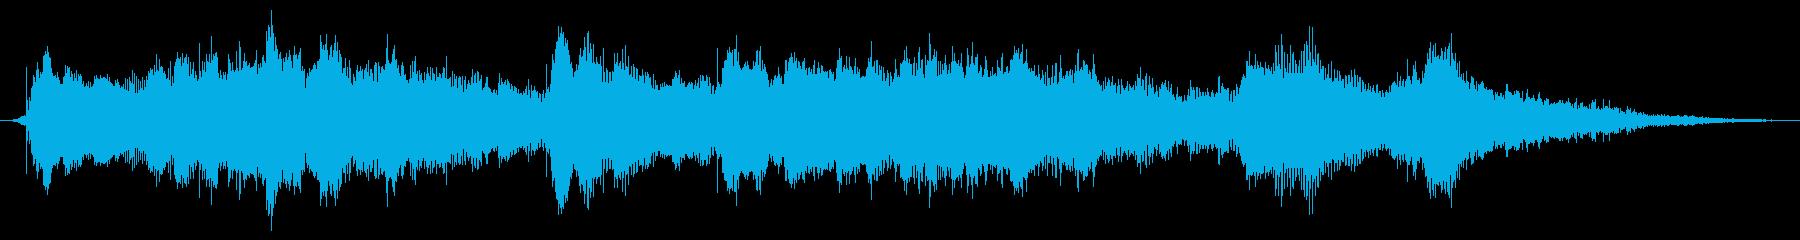 甘く切ない12秒ジングルですの再生済みの波形